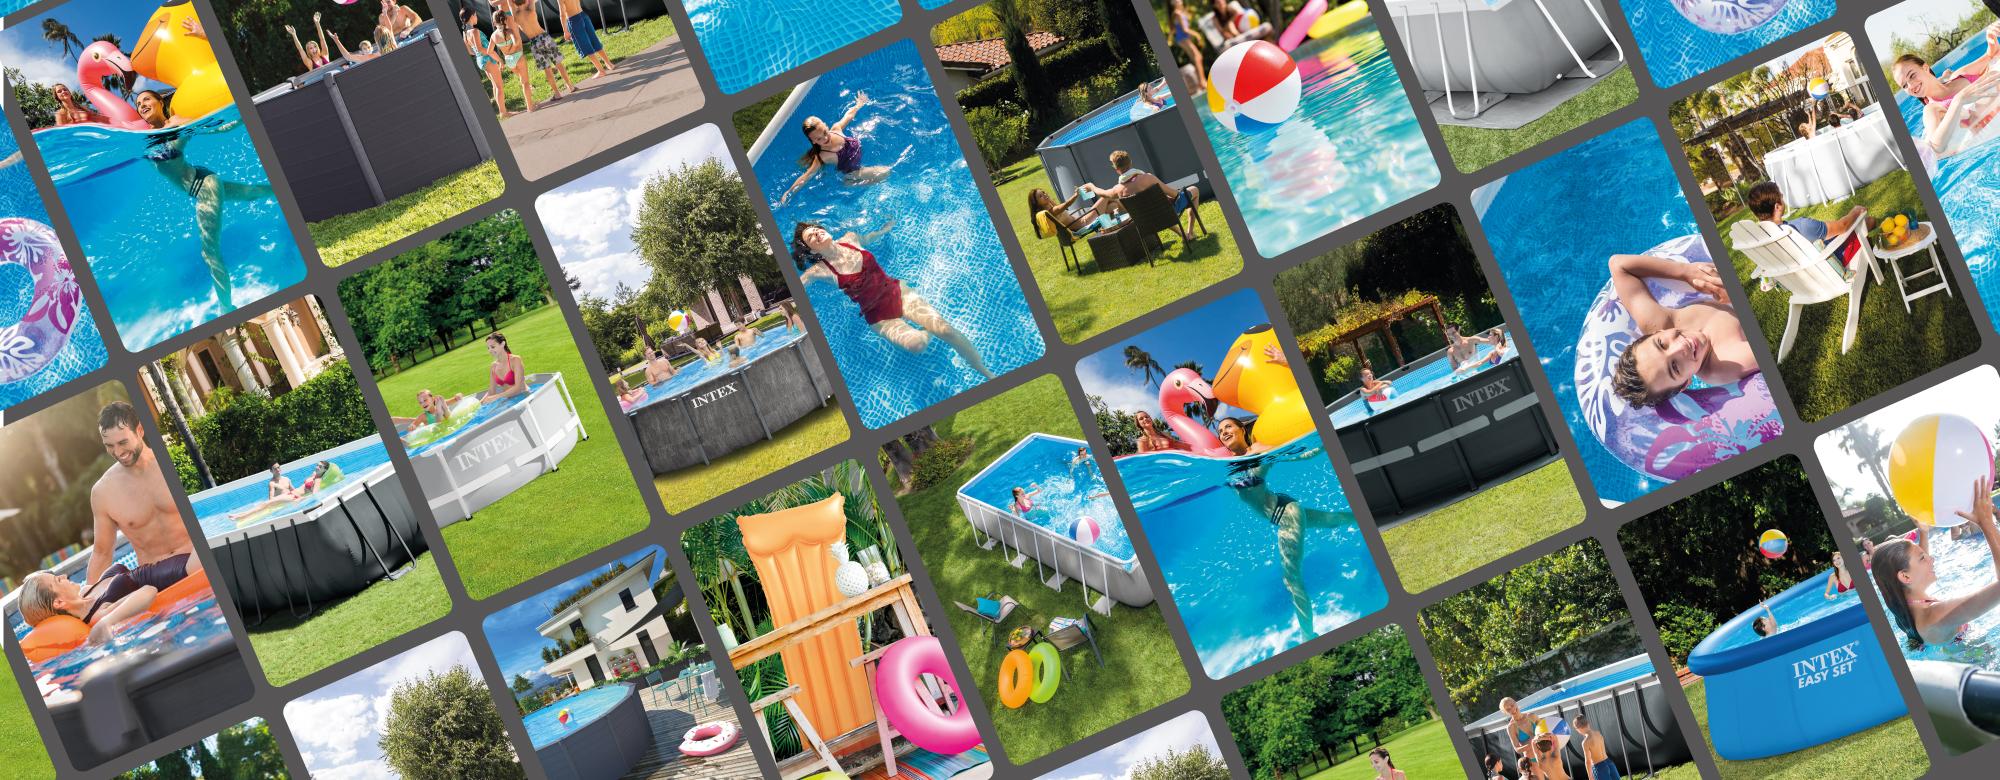 Nouvelle piscine Baltik INTEX